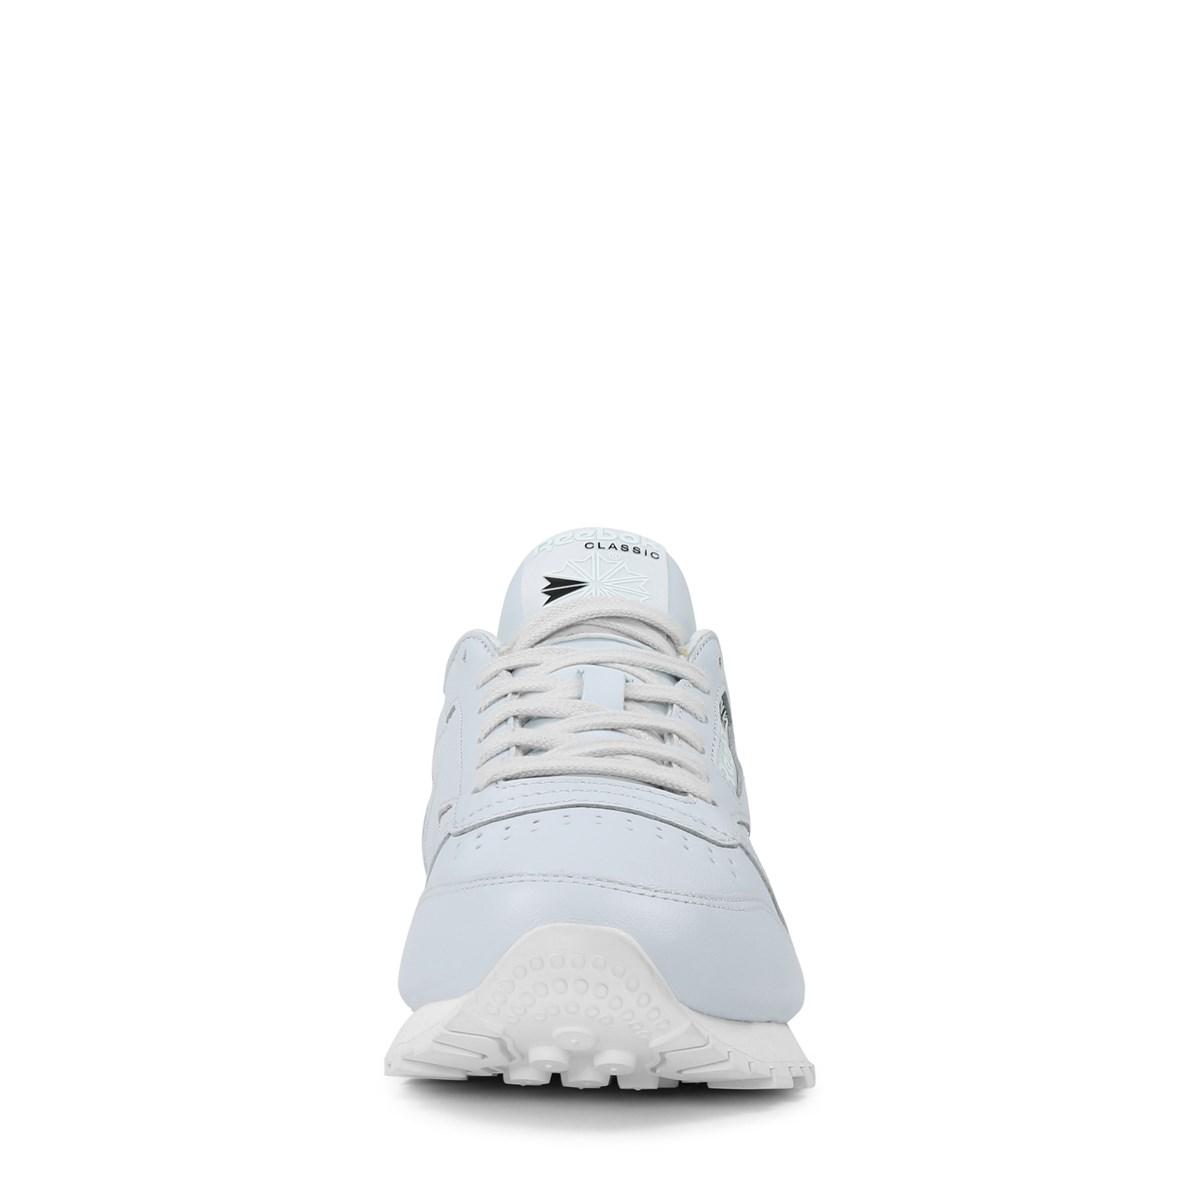 21f04343dd721a Women s Reebok X FACE Stockholm Classic leather Sneaker. Previous. default  view  ALT1  ALT2